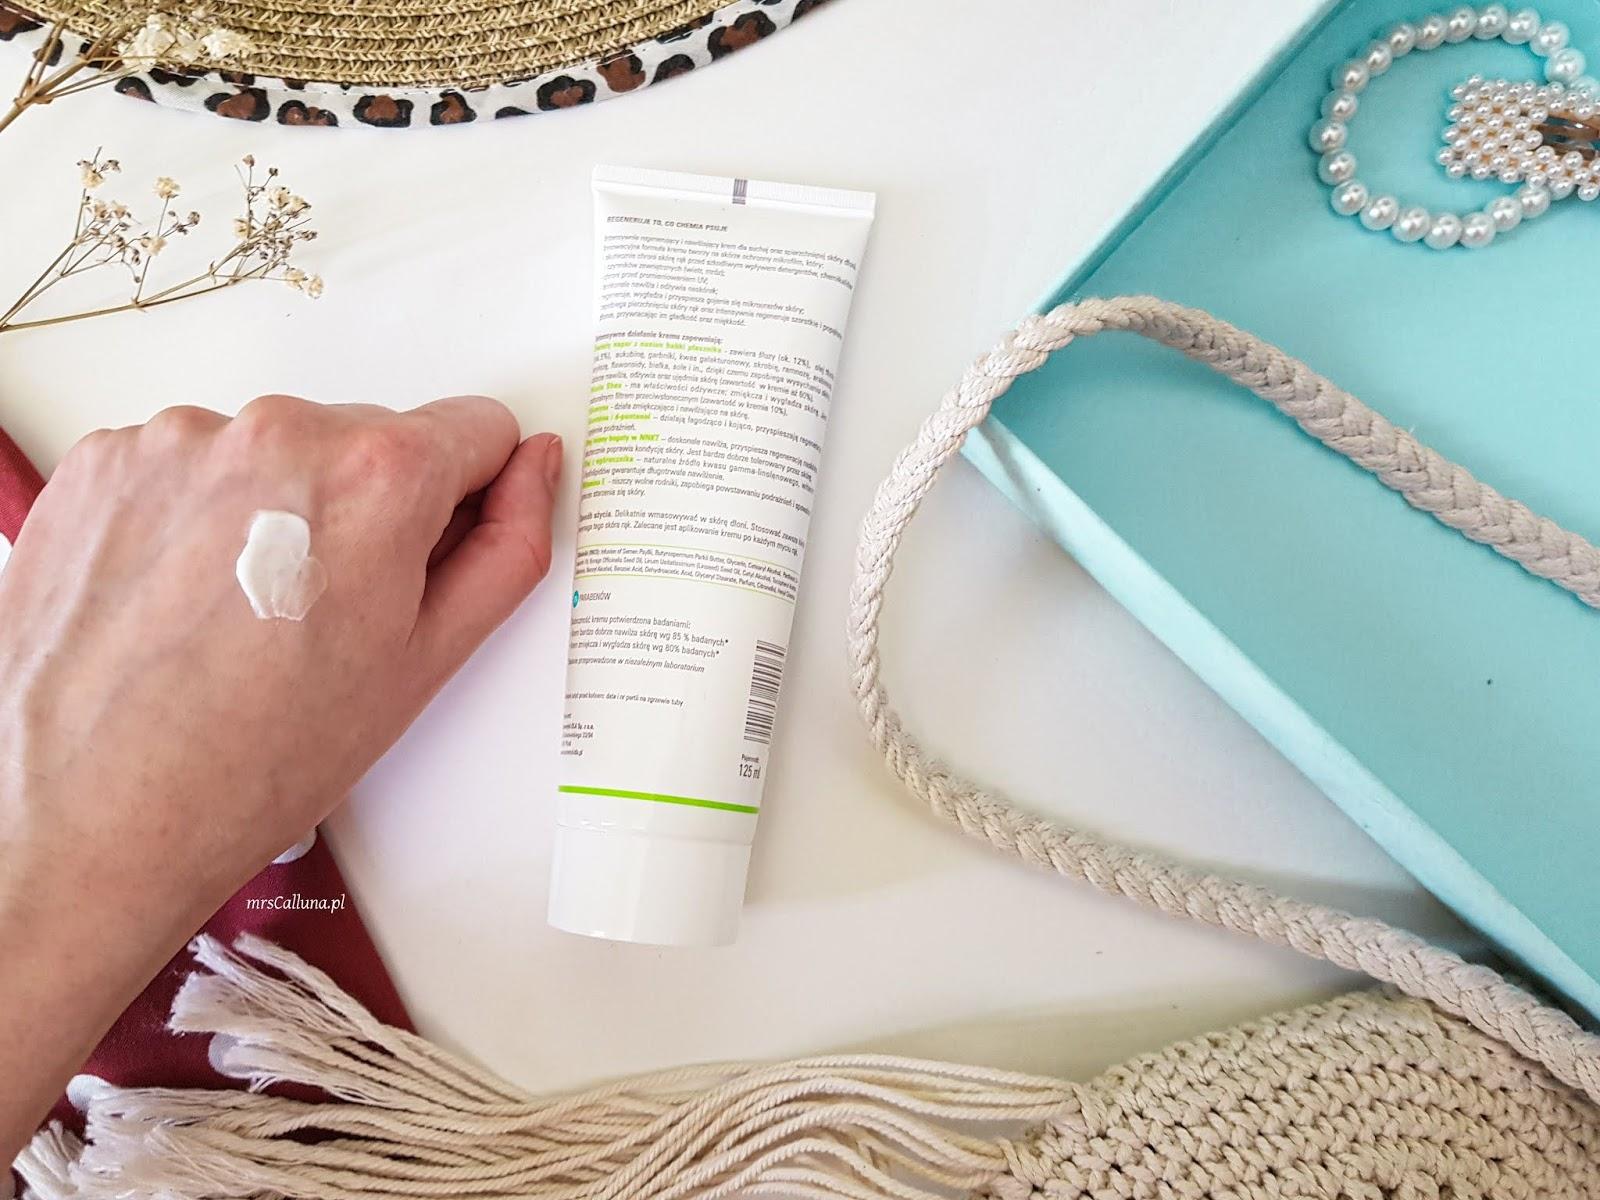 Kosmetyki DLA Krem do rąk na bazie naparu z babki płesznika opinie